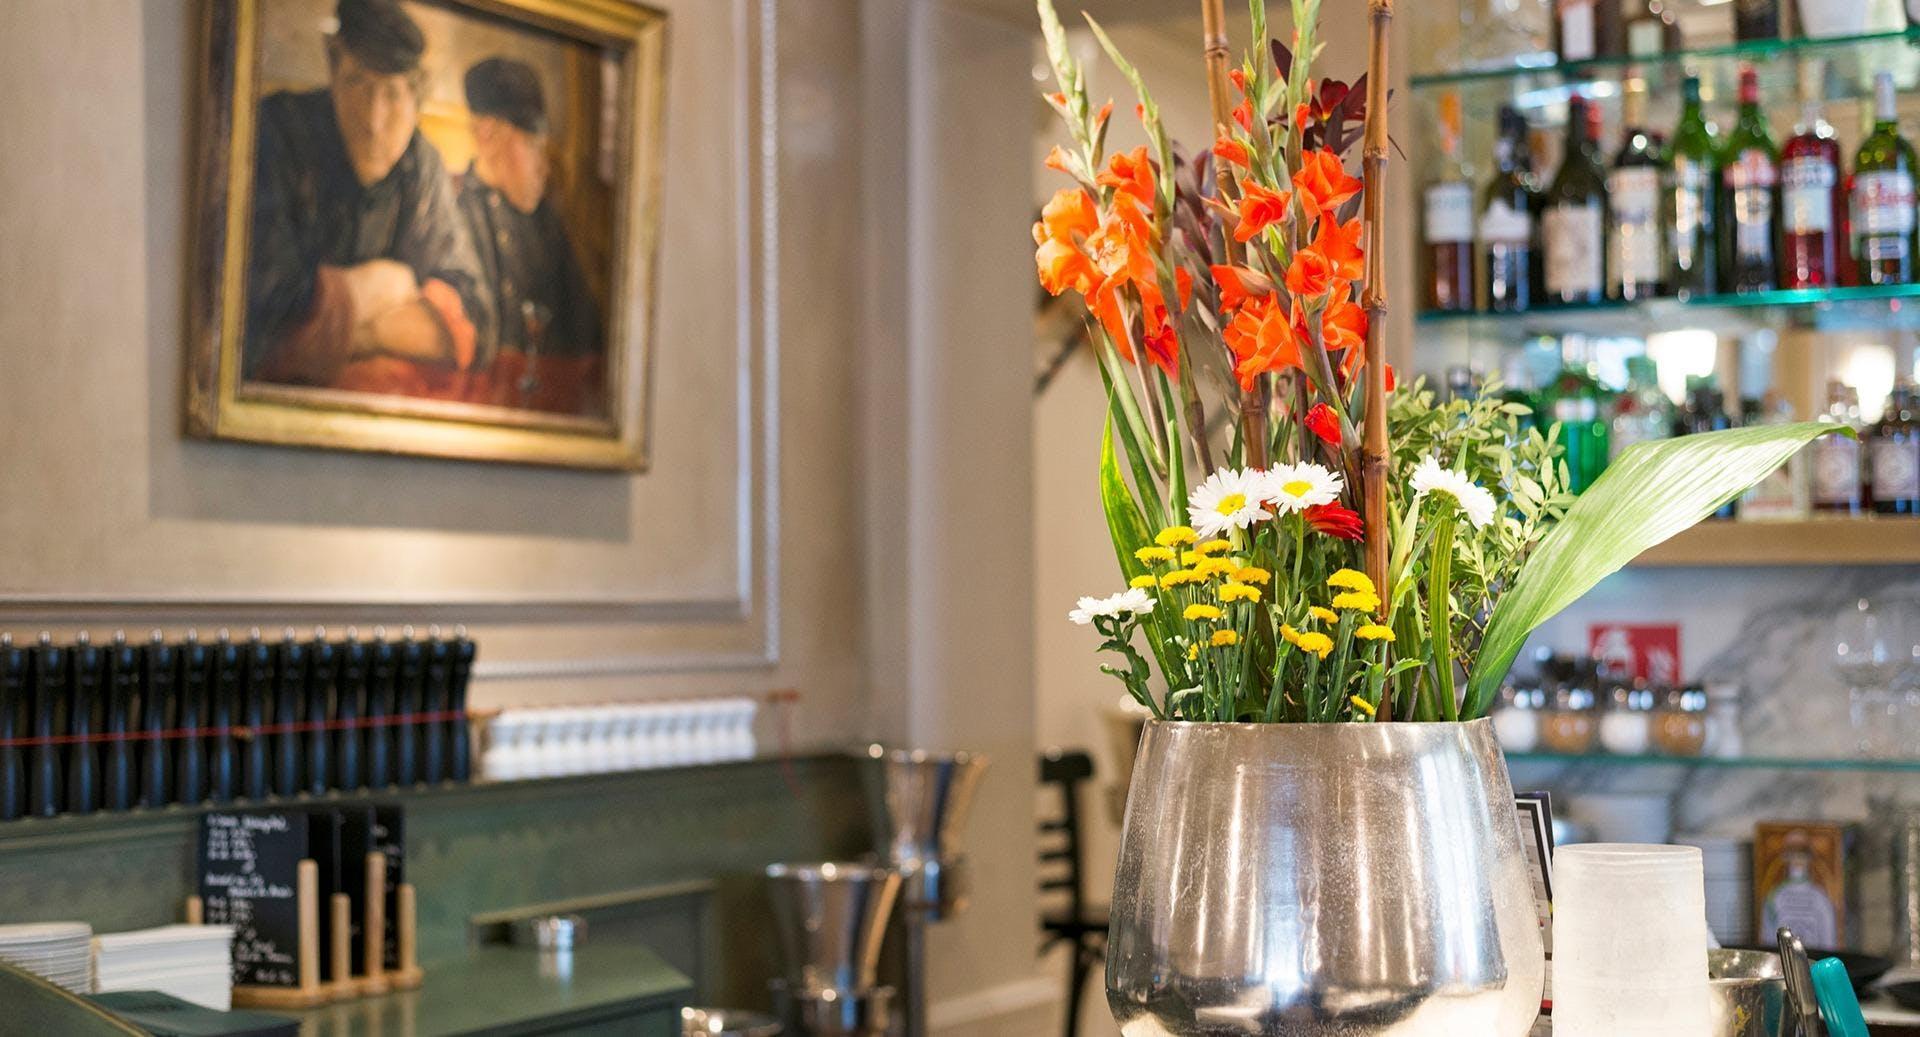 Restaurant Lubitsch Berlin image 2